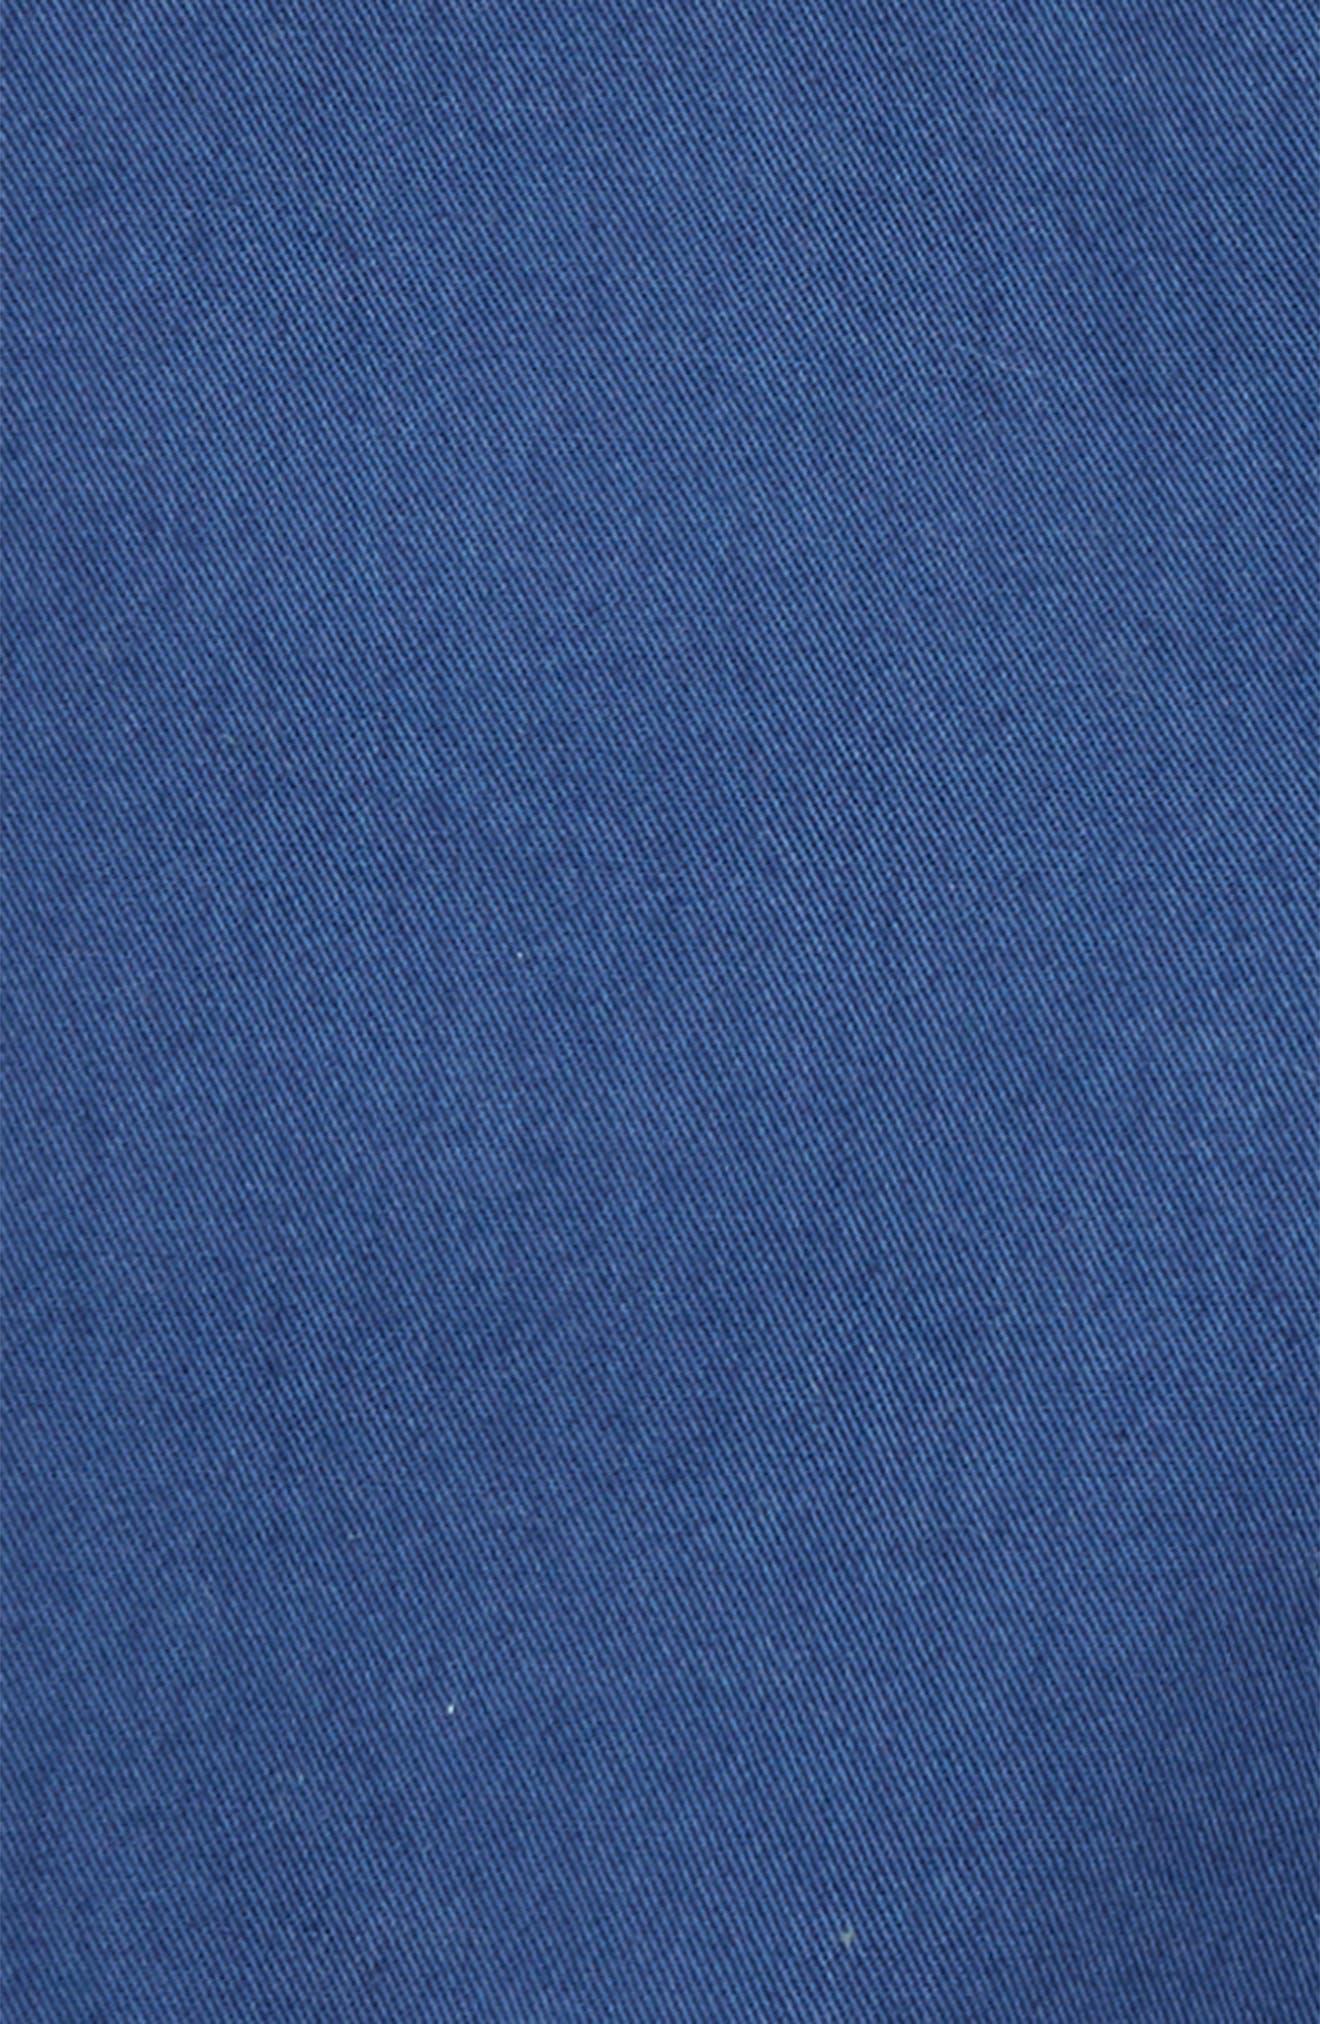 Hudson Shorts,                             Alternate thumbnail 2, color,